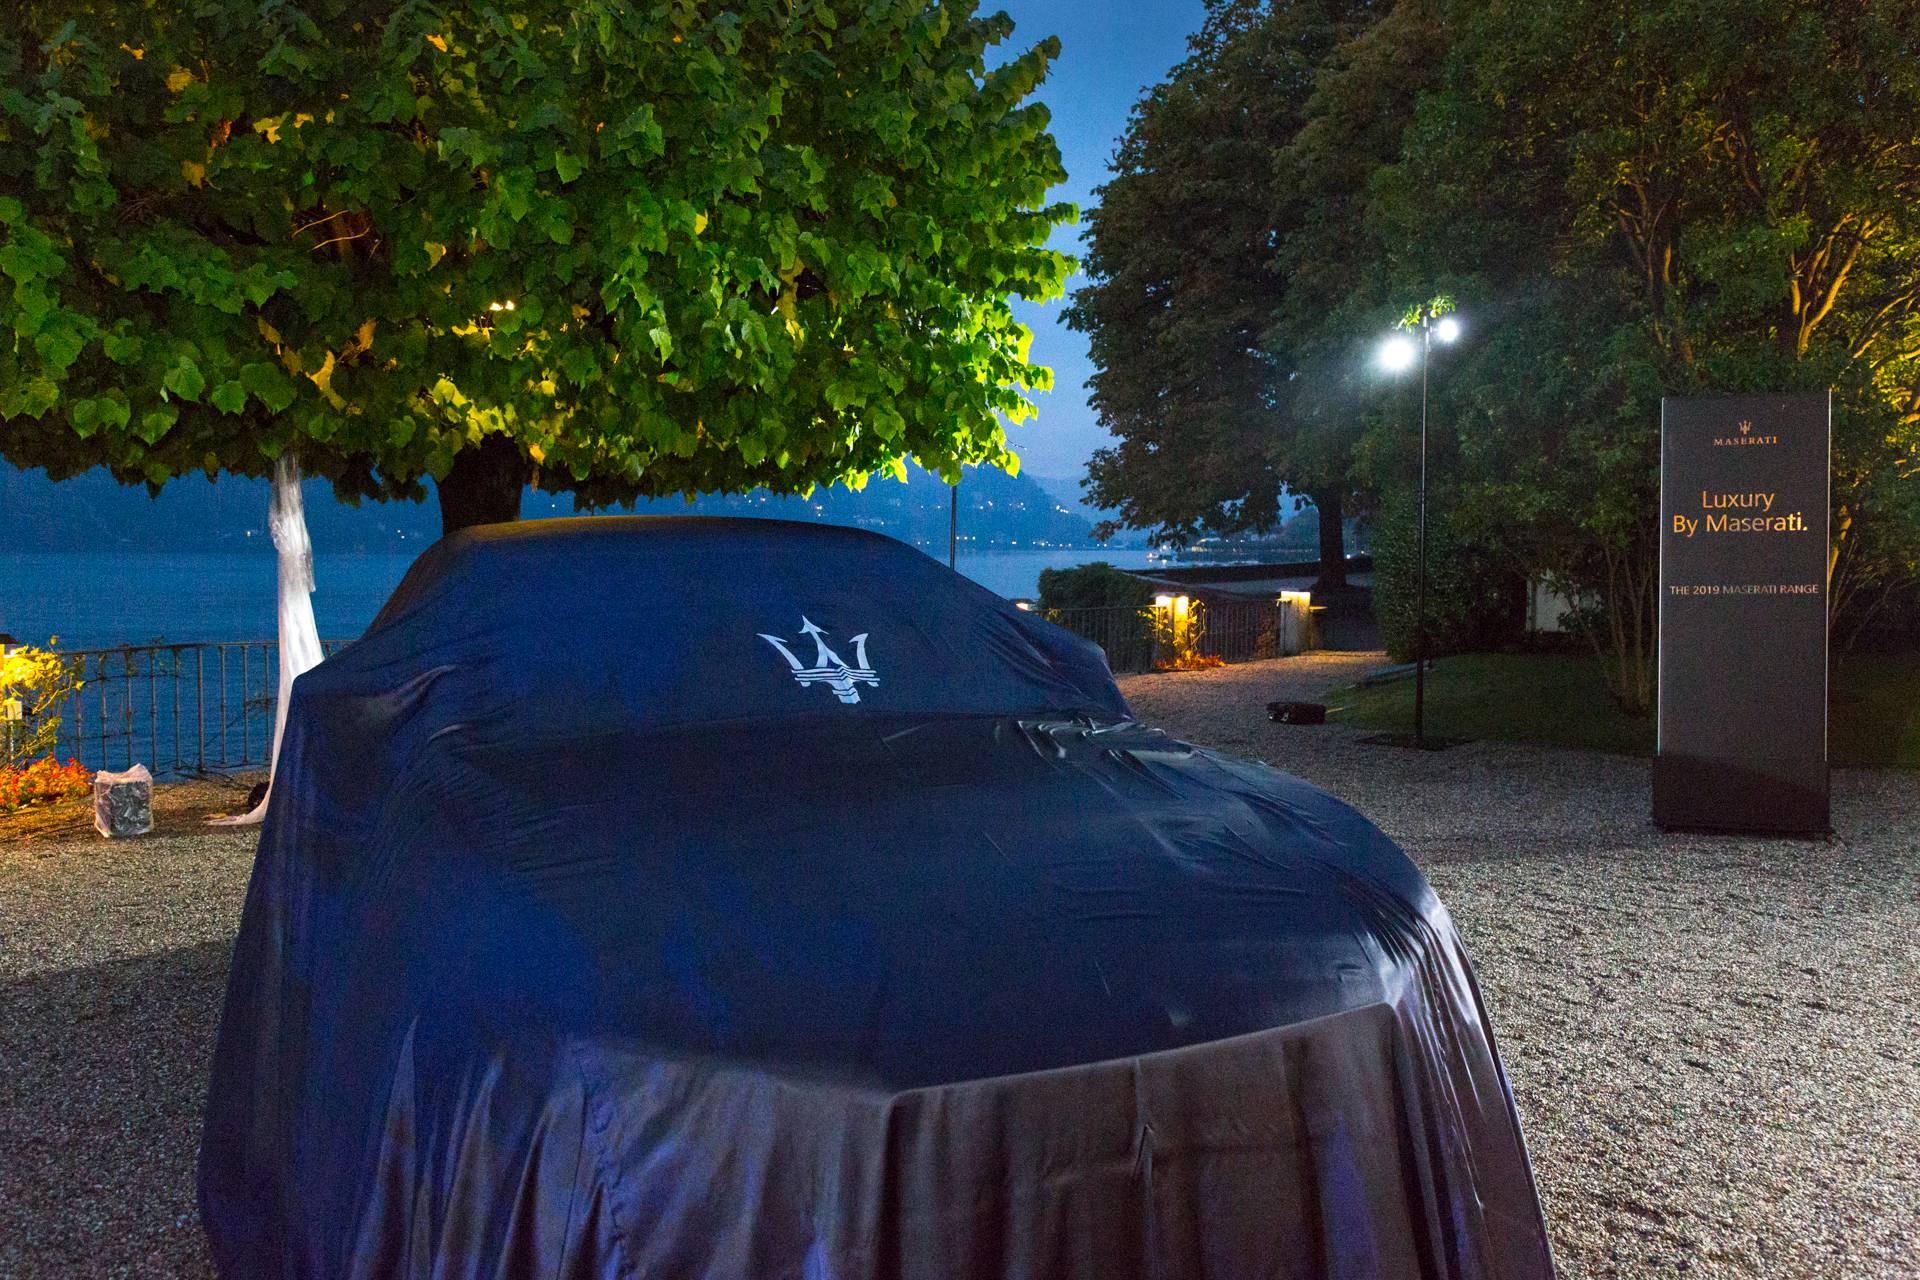 Scuderia Blu Maserati